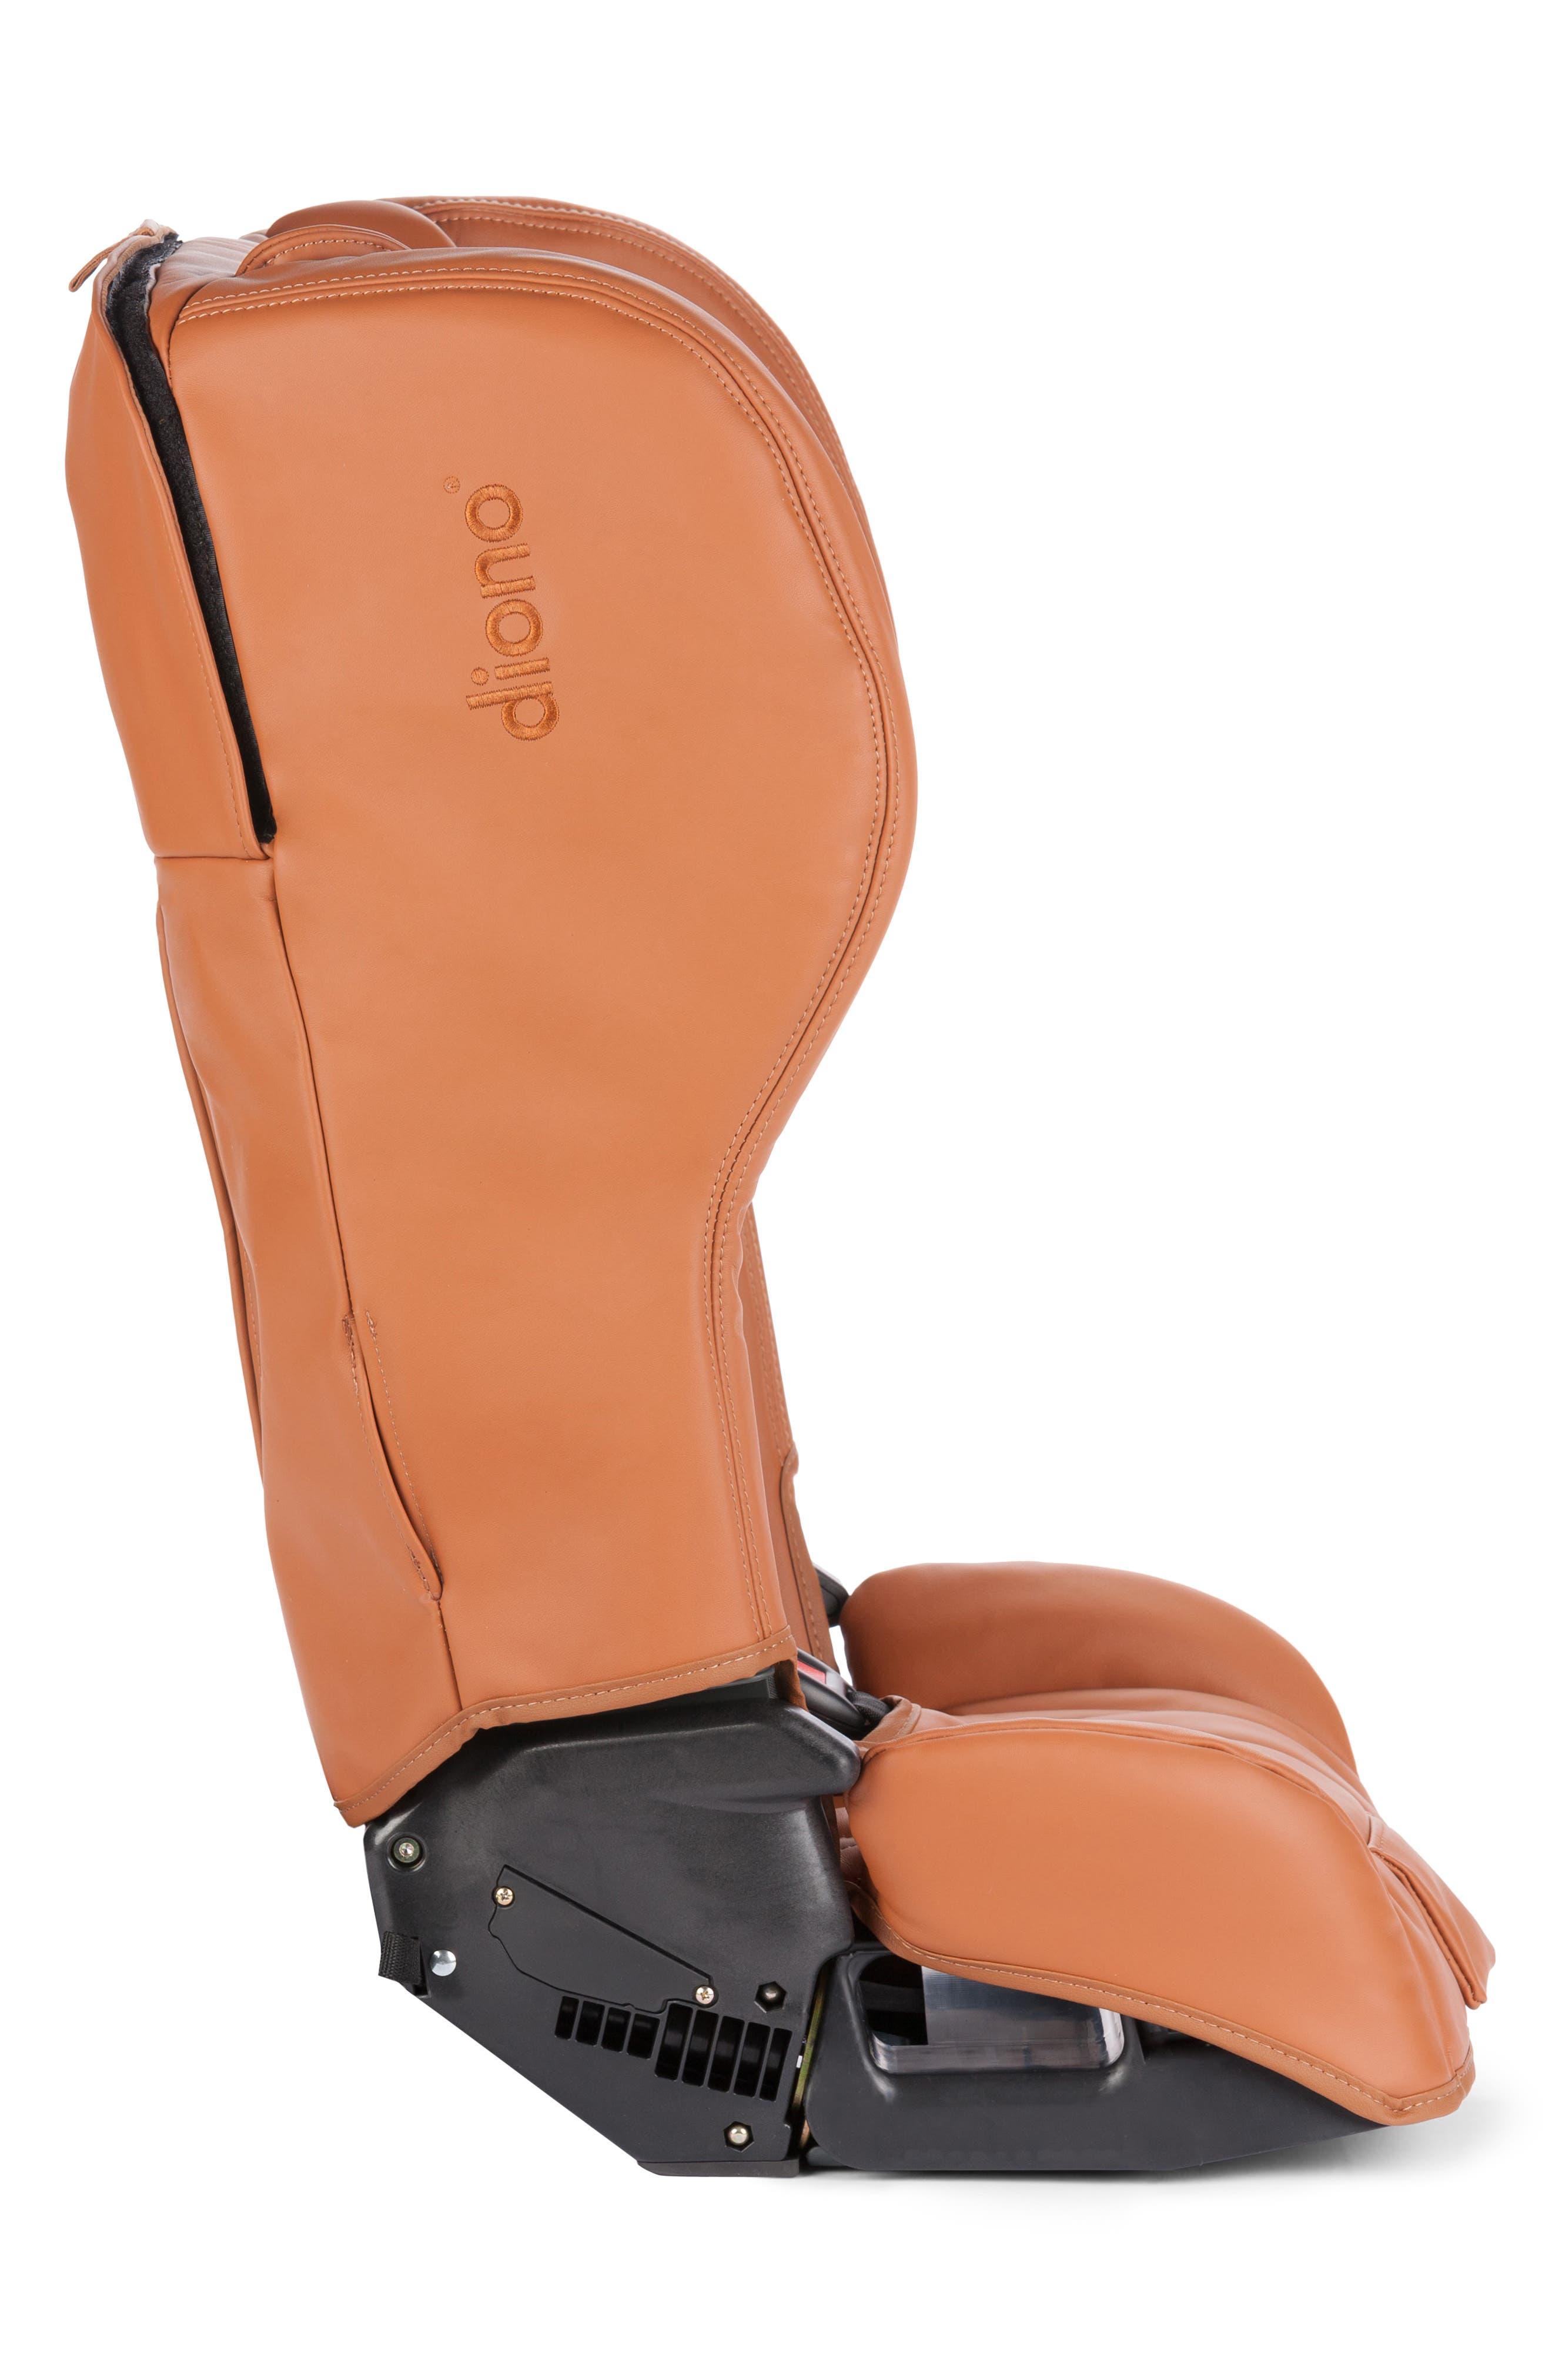 Infant Diono Rainier 2 Axt Prestige Car Seat Size One Size  Brown